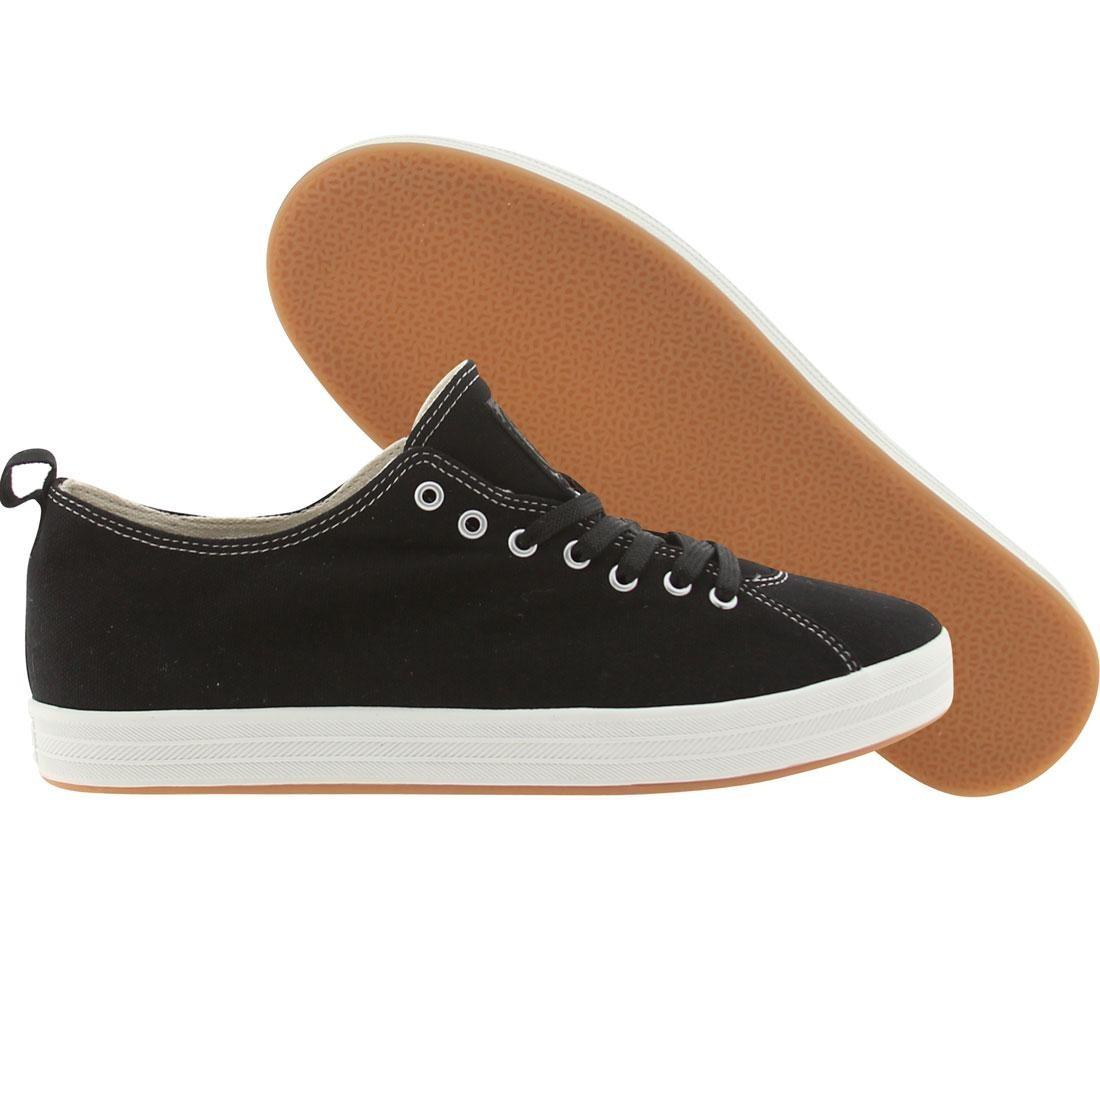 【海外限定】グルメ メンズ靴 スニーカー 【 GOURMET UNO C LOW BLACK WHITE 】